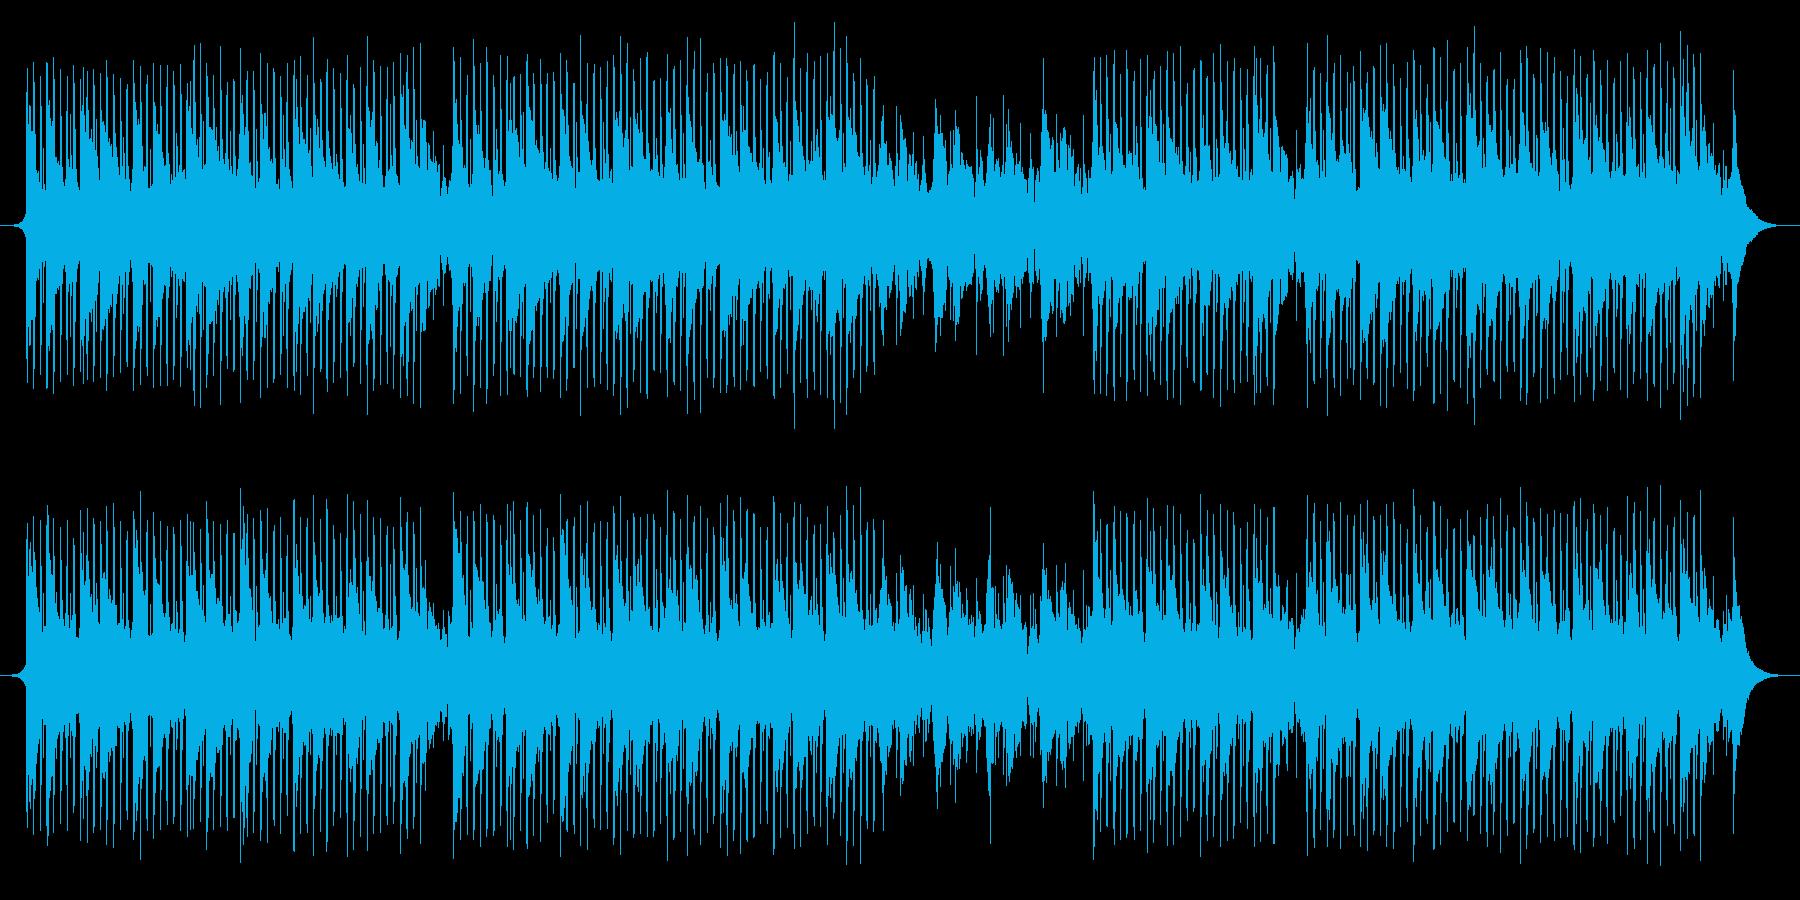 科学音楽の再生済みの波形